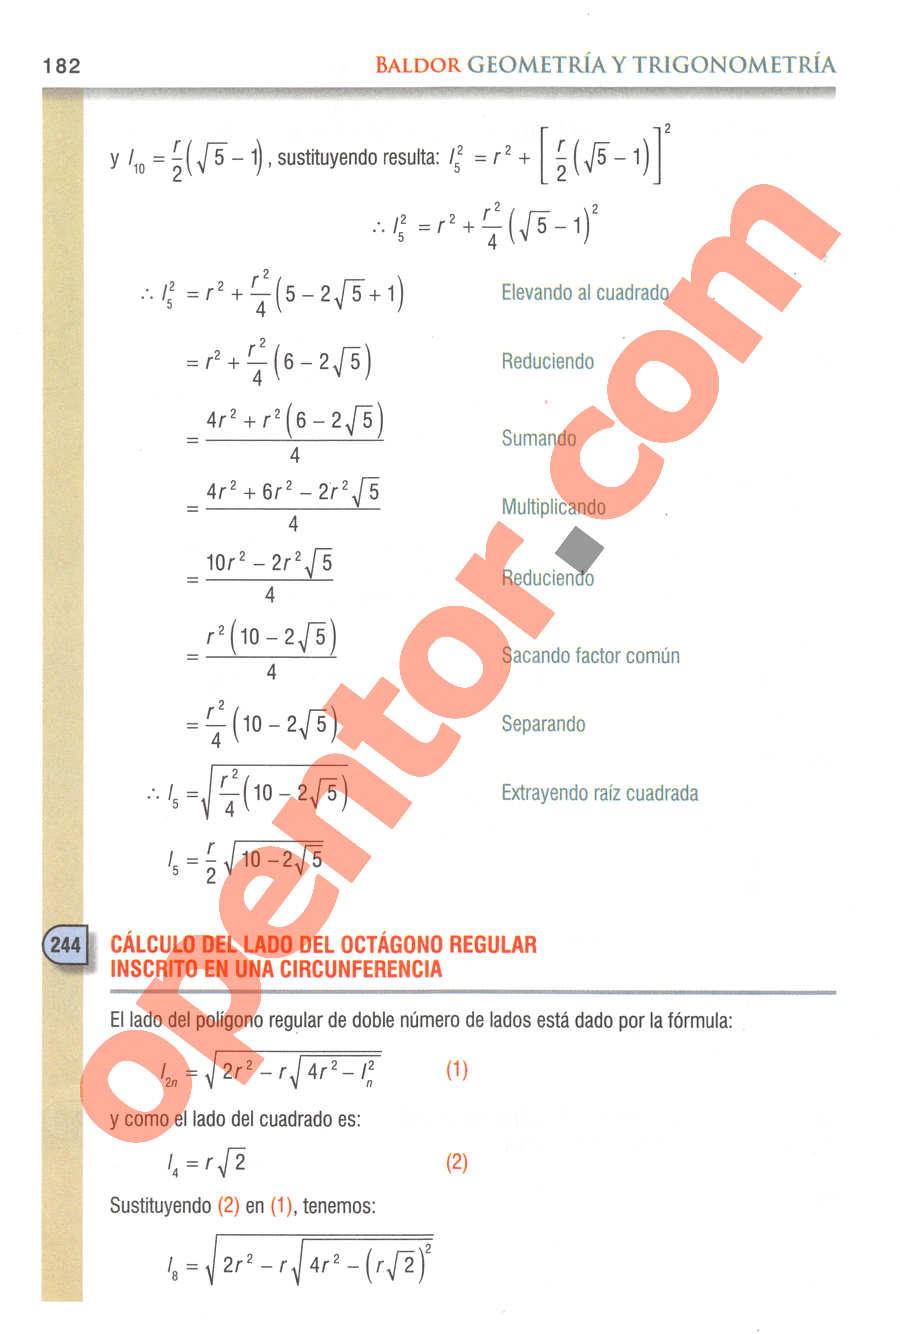 Geometría y Trigonometría de Baldor - Página 182